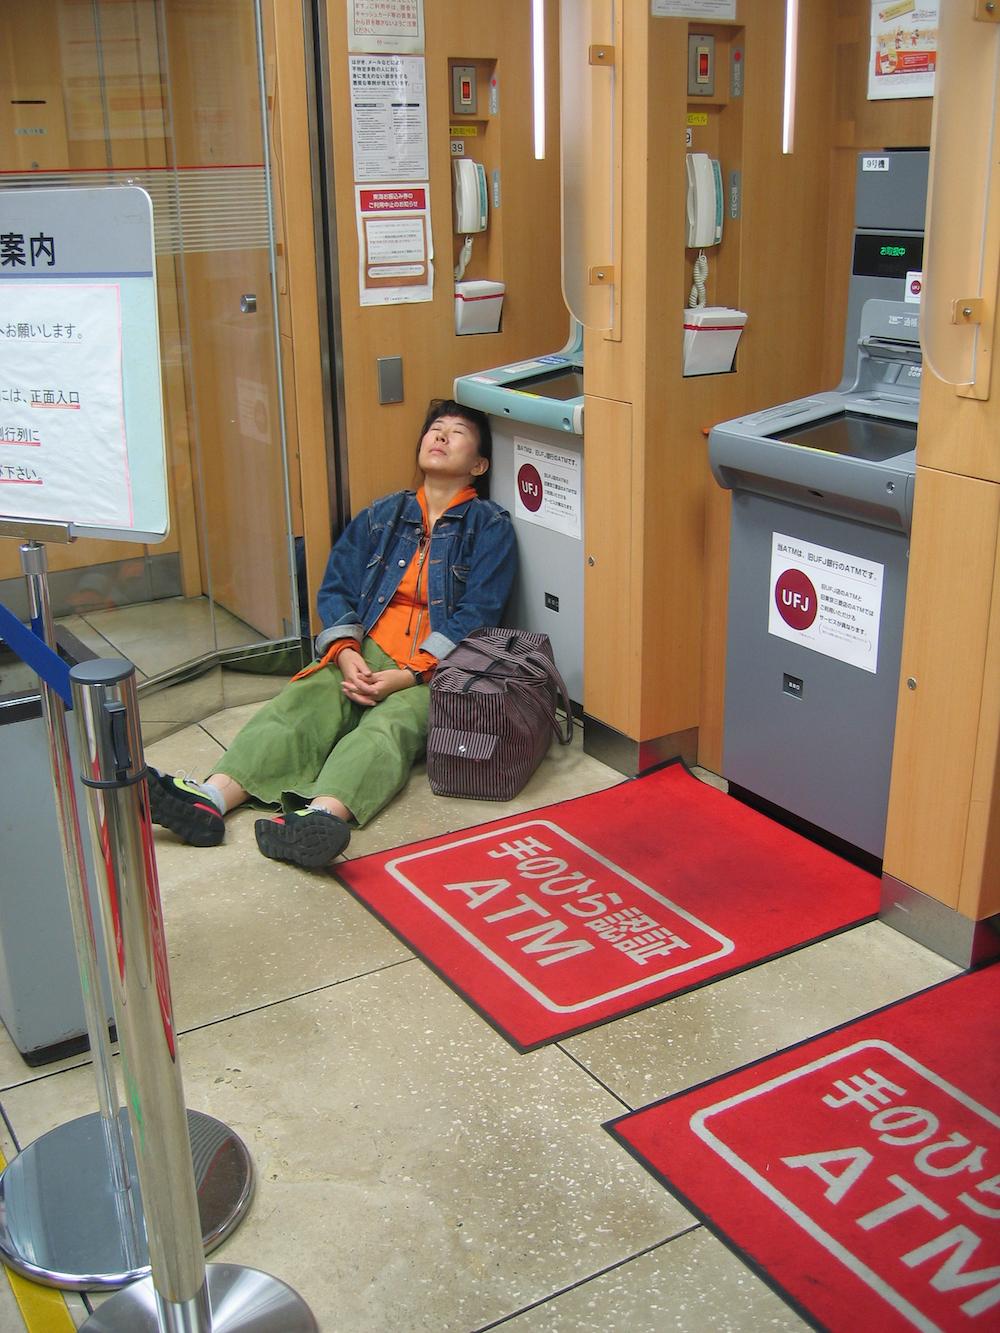 Sakiko-Yamaoka_Best-Place-to-Sleep-MitsubishiBank_Nihonbashi-chuo-Foto-Yoshinori-Niwa-online-1